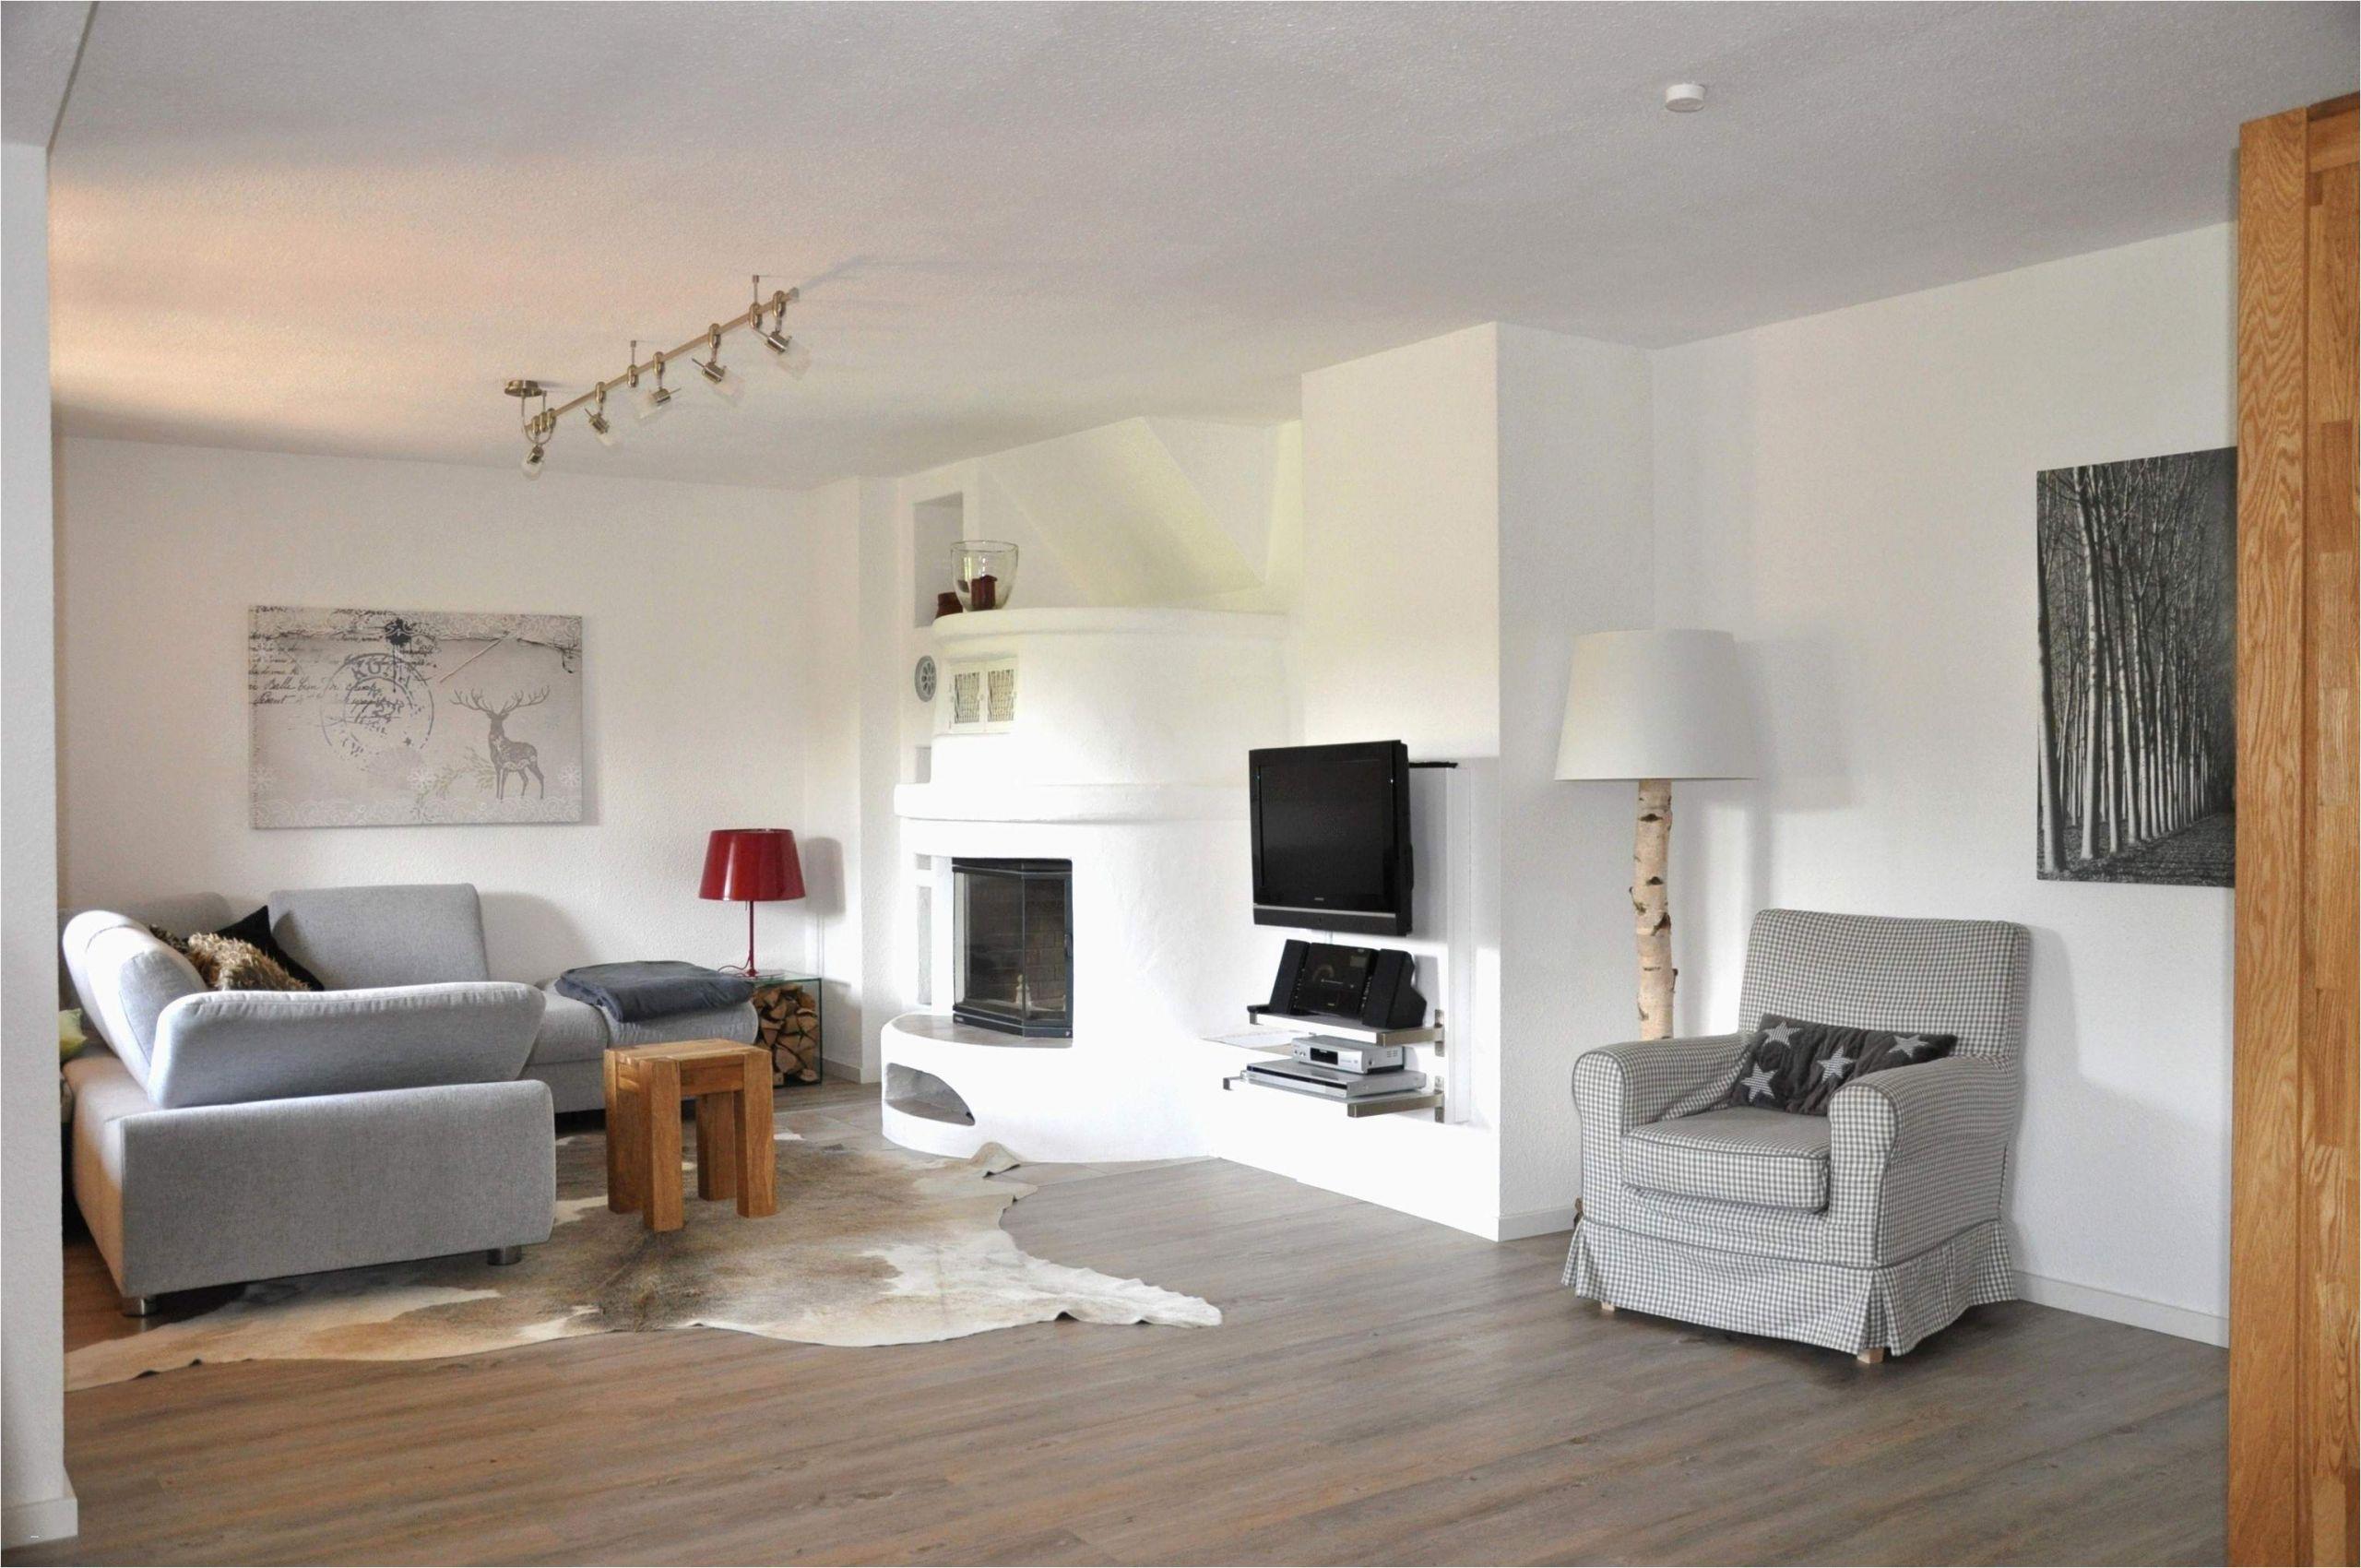 graue wand wohnzimmer frisch wohnzimmer farben grau ideen der sjahrige trend of graue wand wohnzimmer